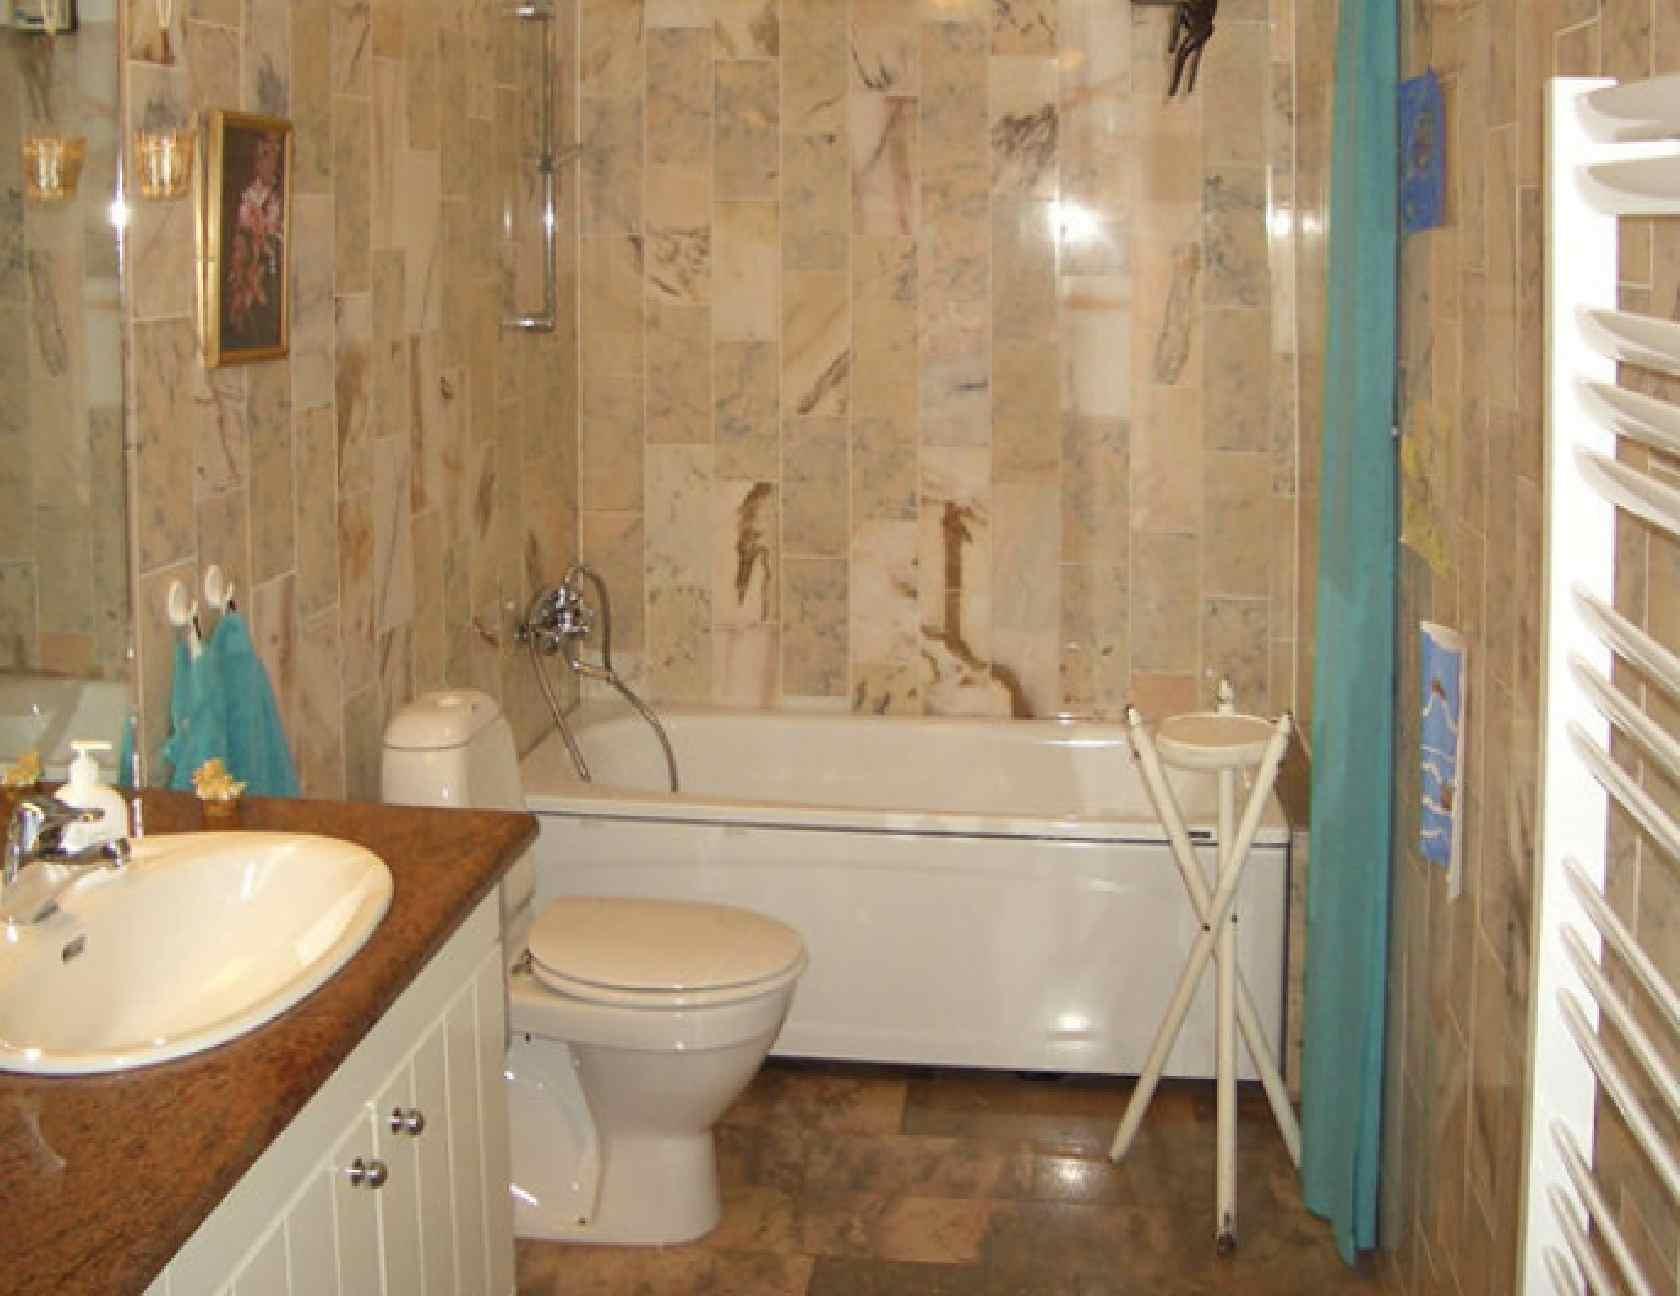 احدث تصميمات لـ سيراميك الحمامات المرسال